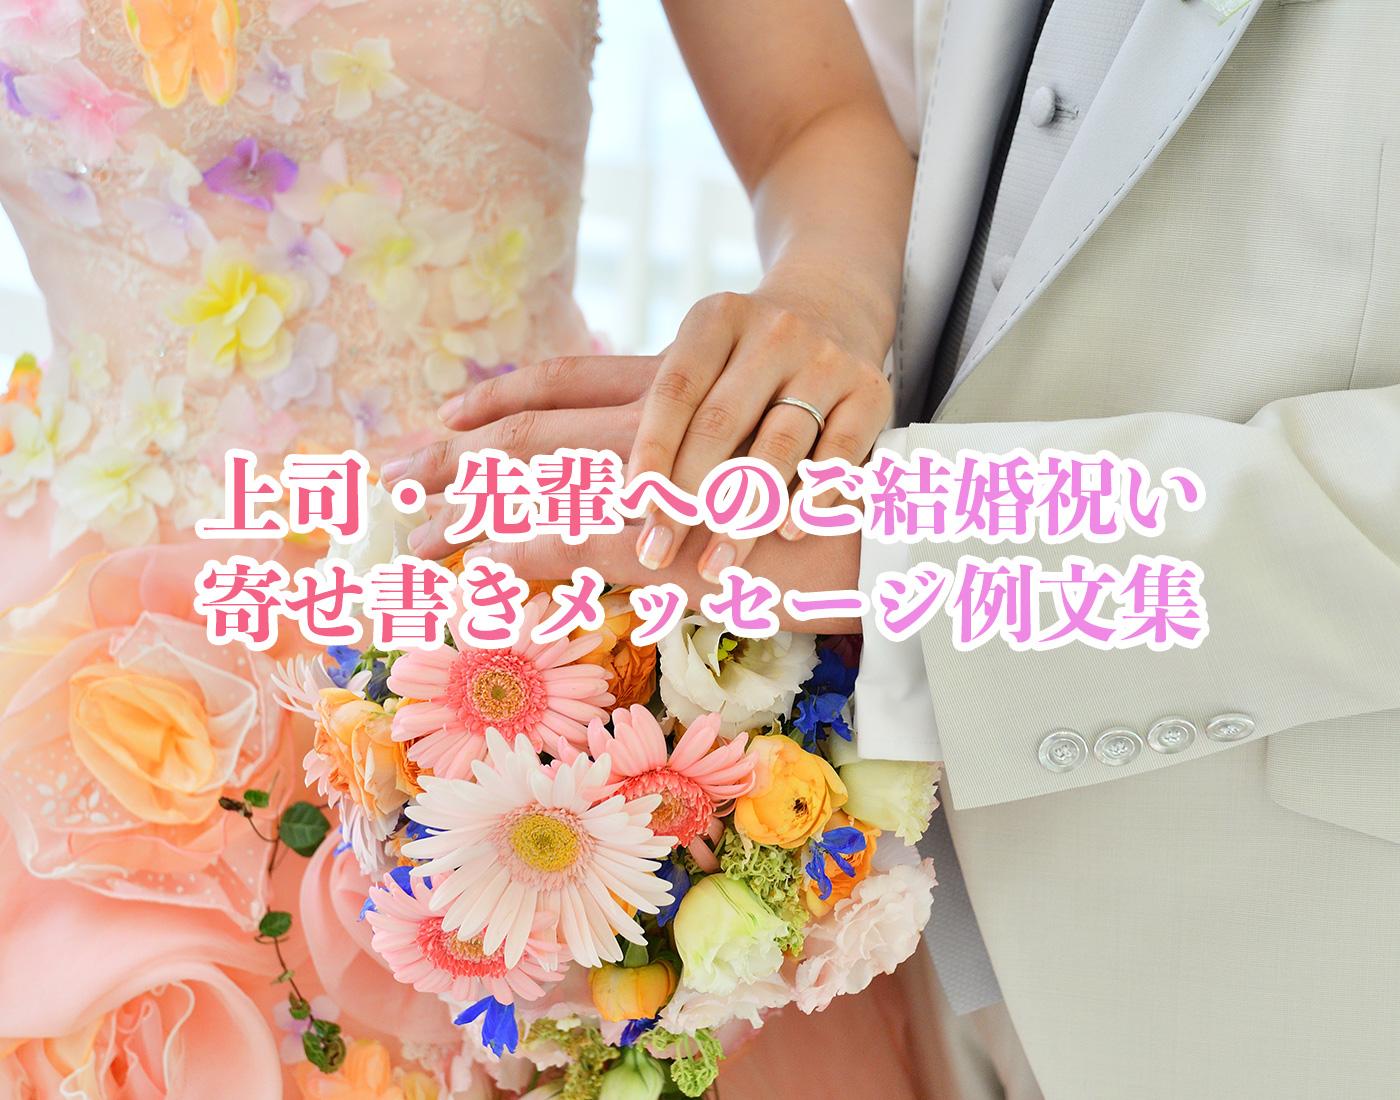 コメント 結婚 祝い